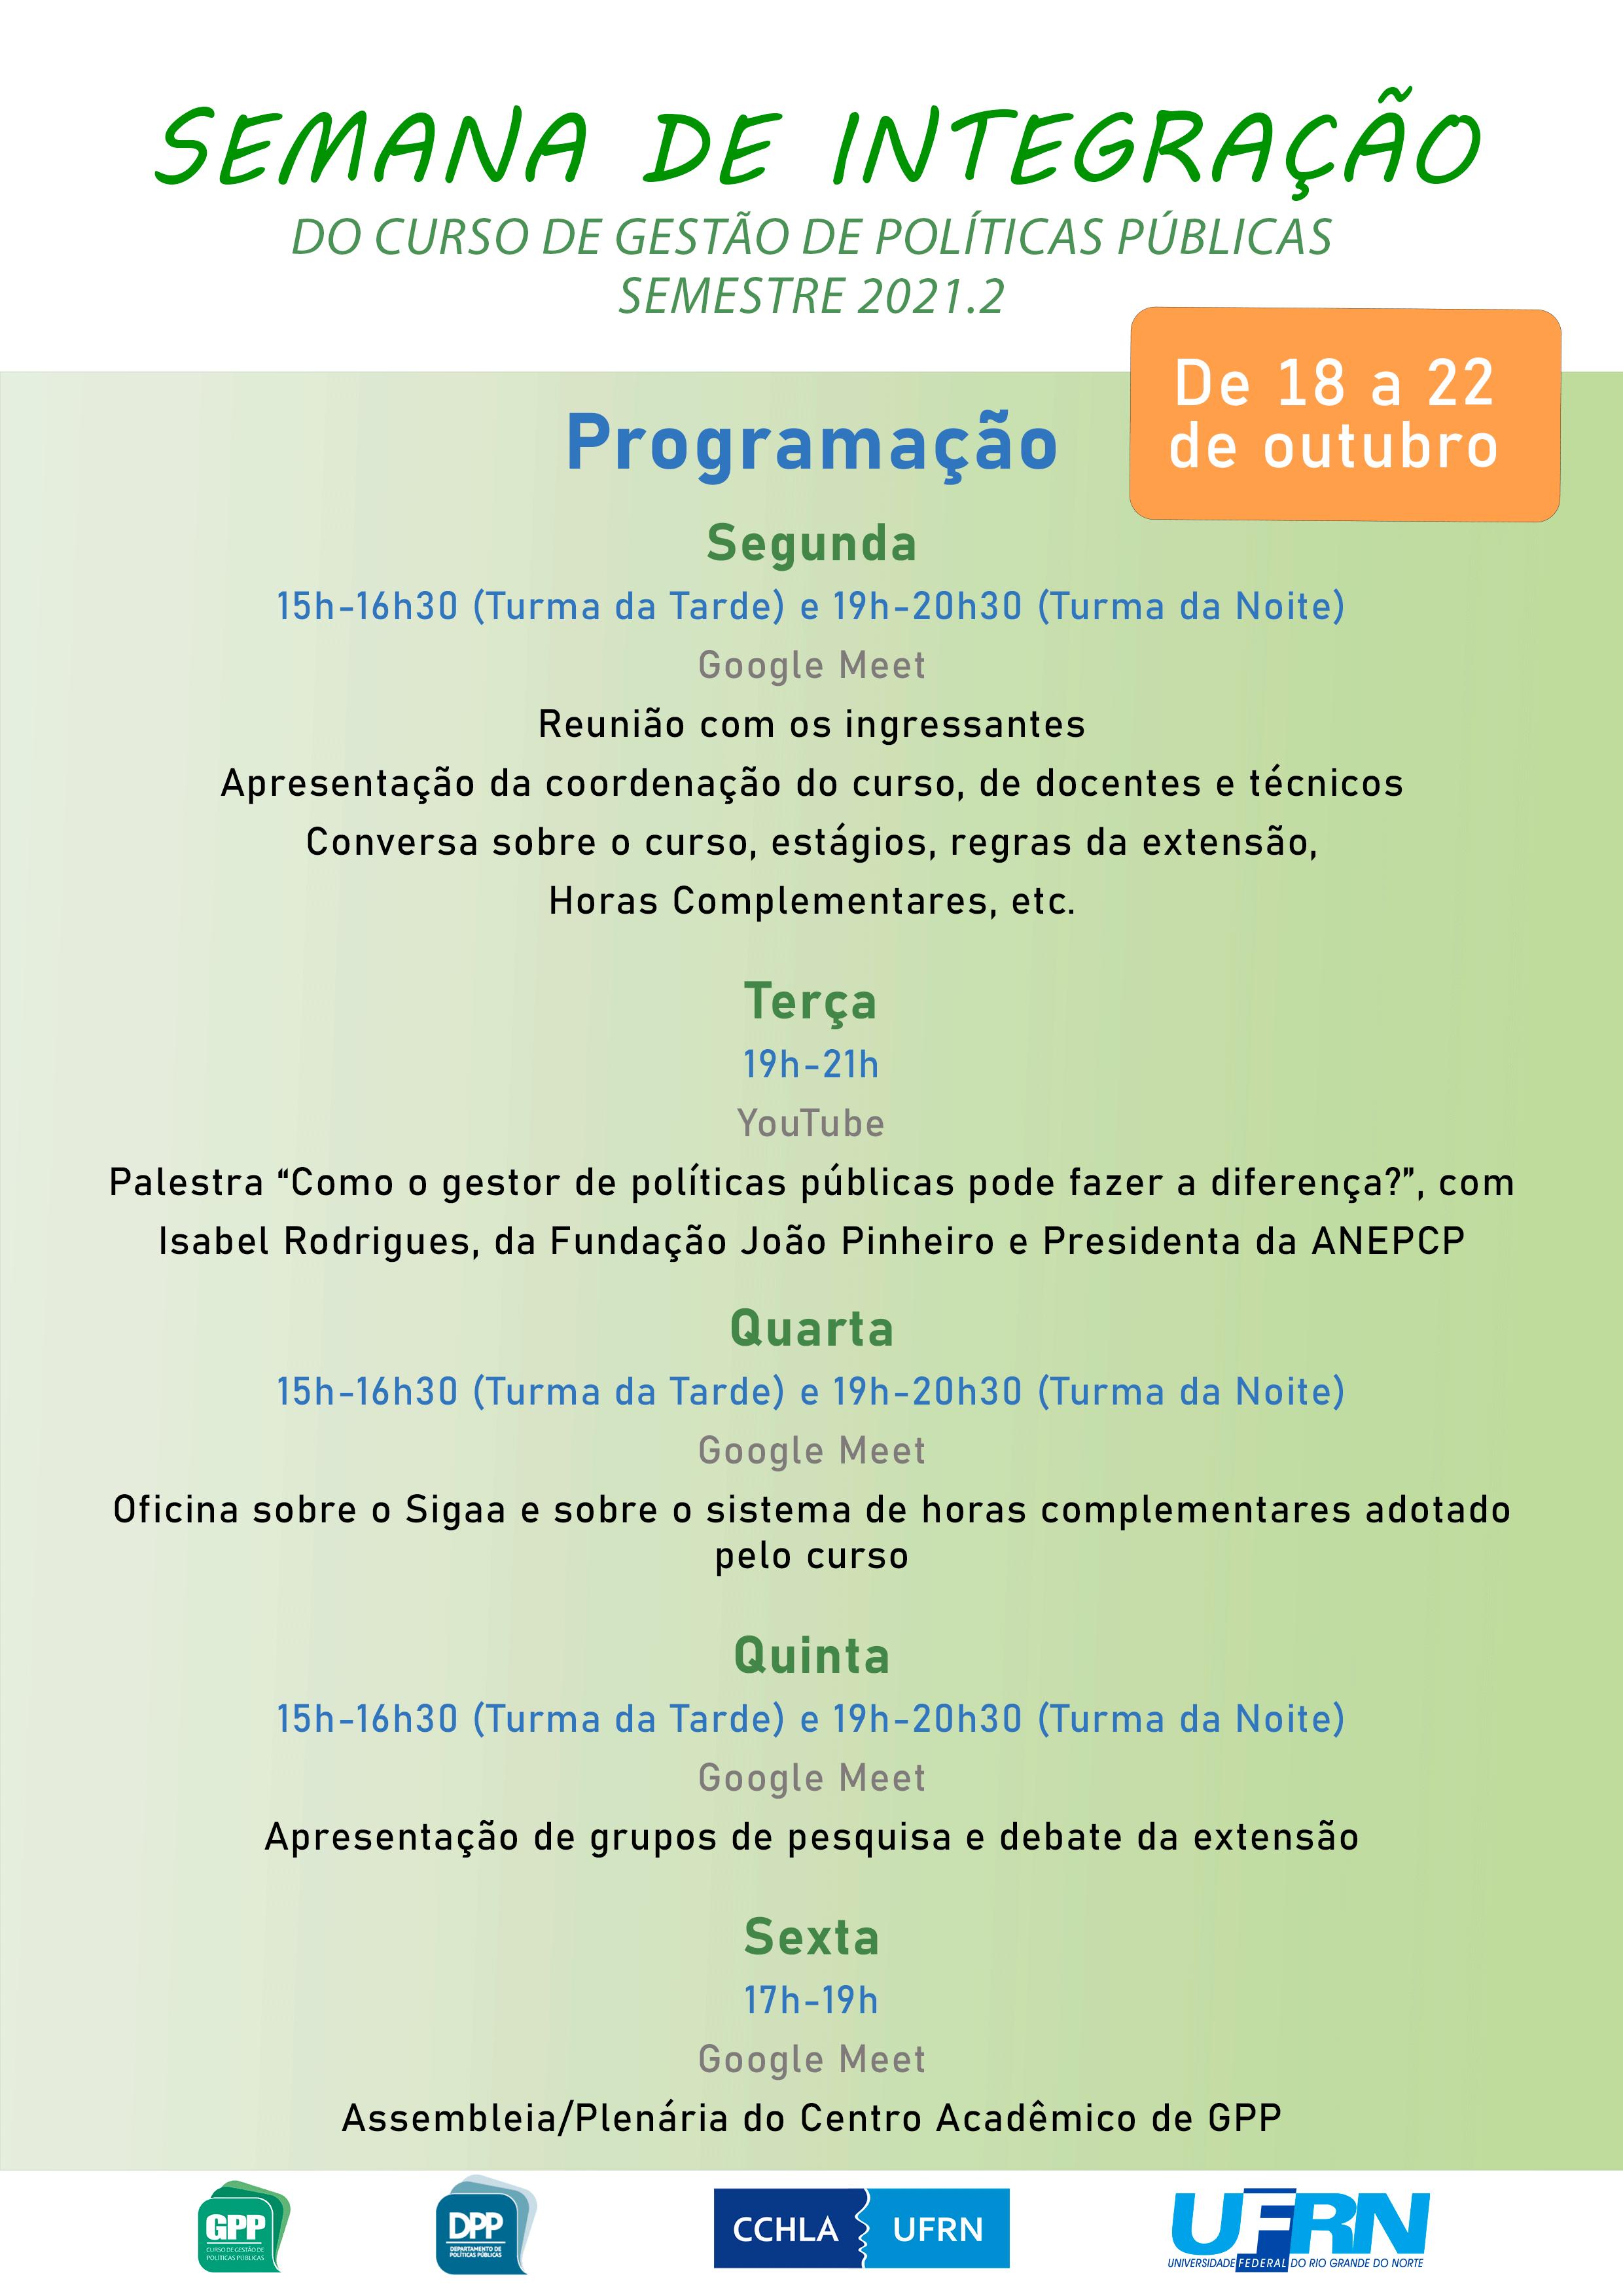 Semana De Integração Do Curso De Gestão De Políticas Públicas – 2021.2